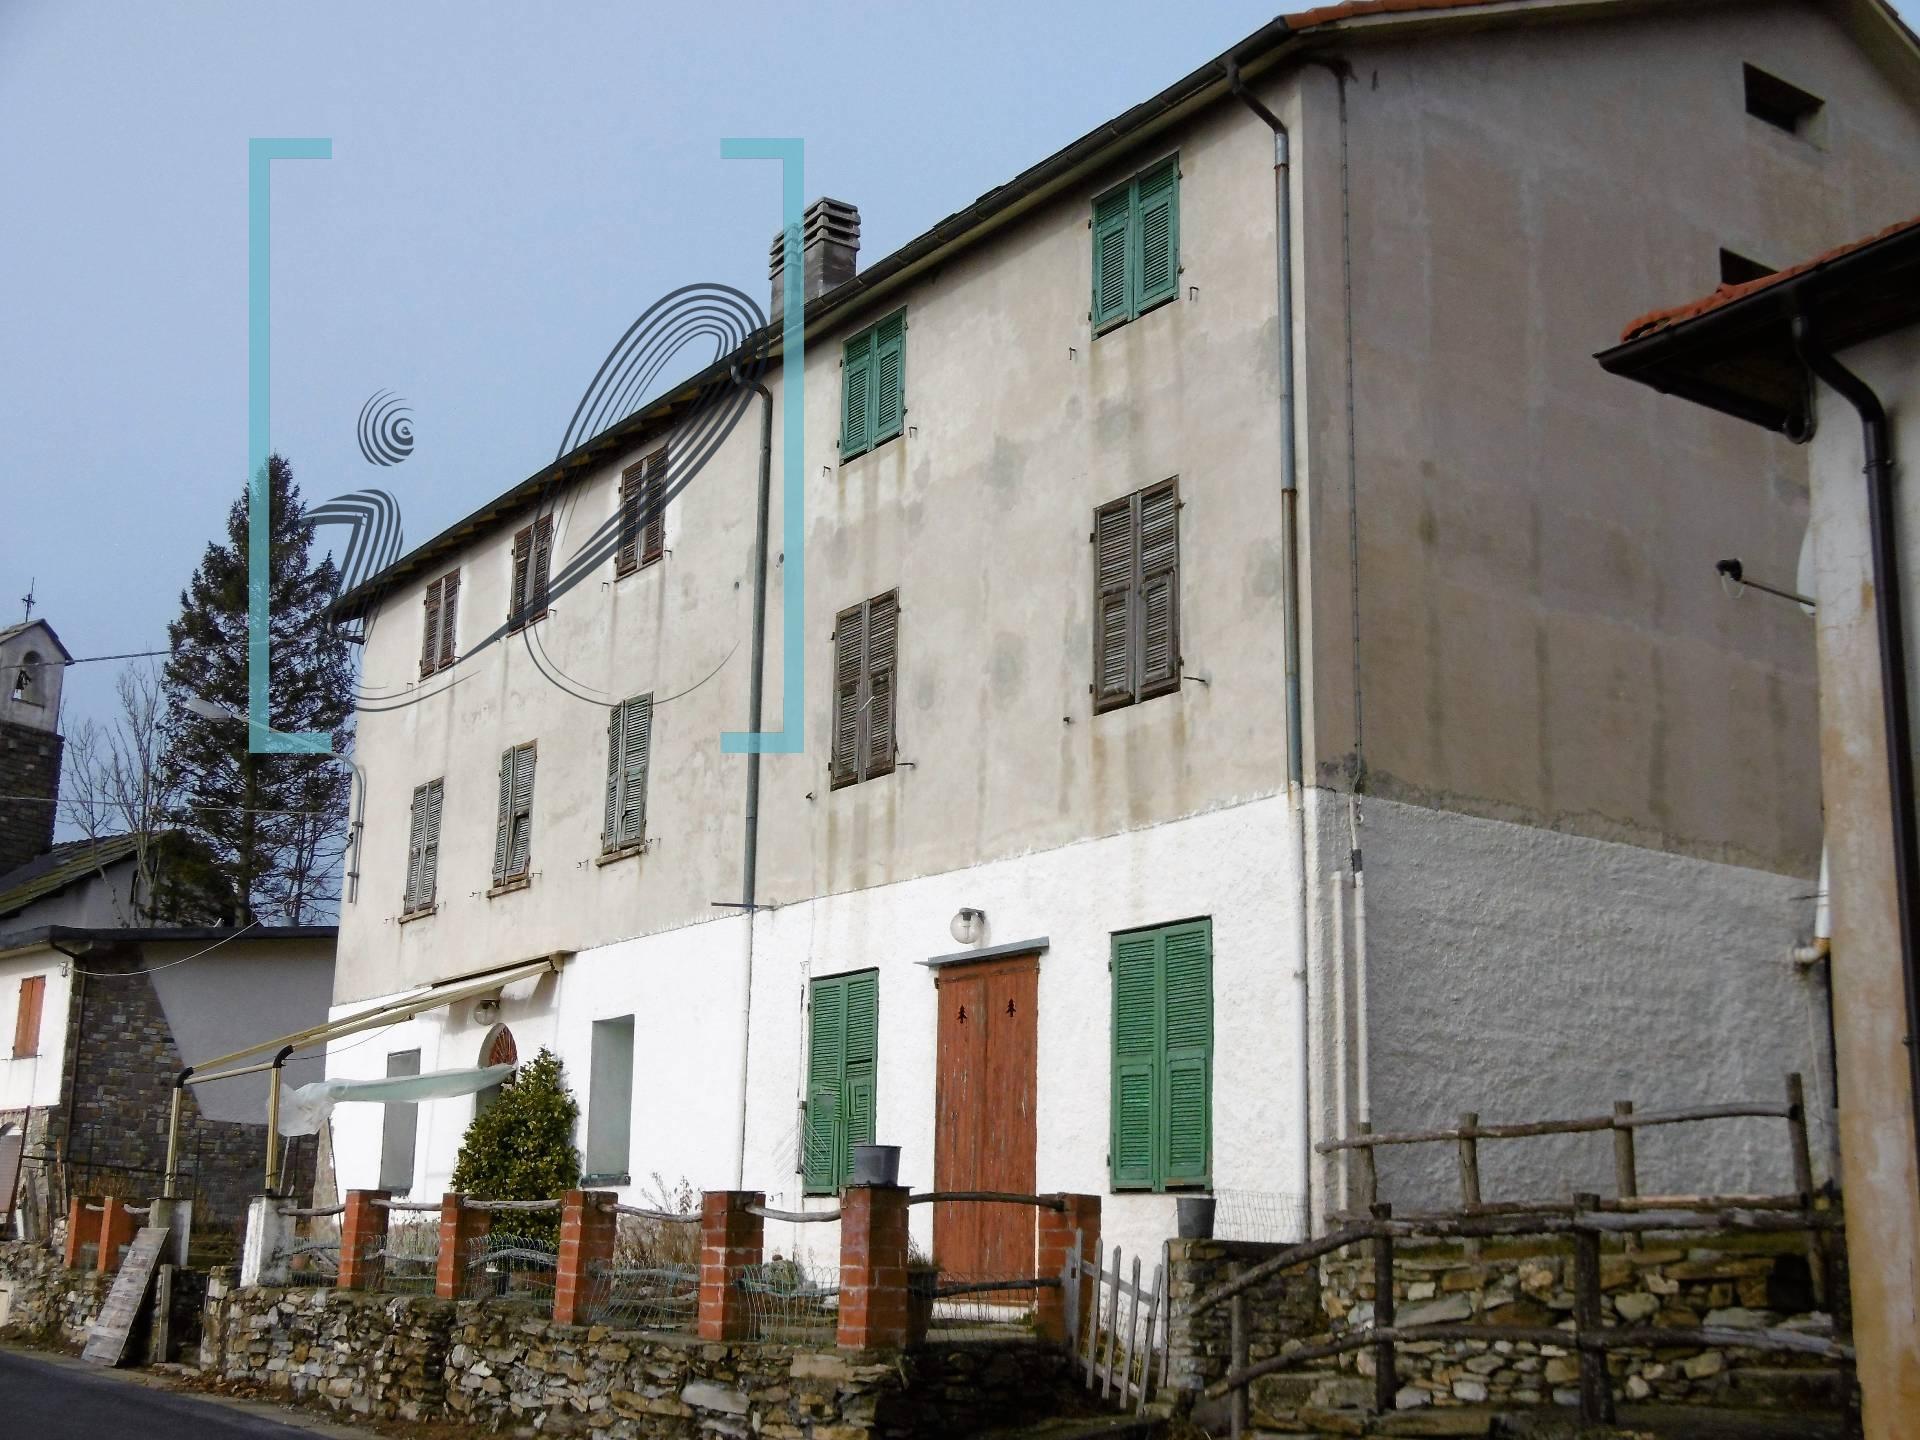 Appartamento in vendita a Borgomaro, 4 locali, zona Località: SanBernardodiConio, prezzo € 45.000 | Cambio Casa.it